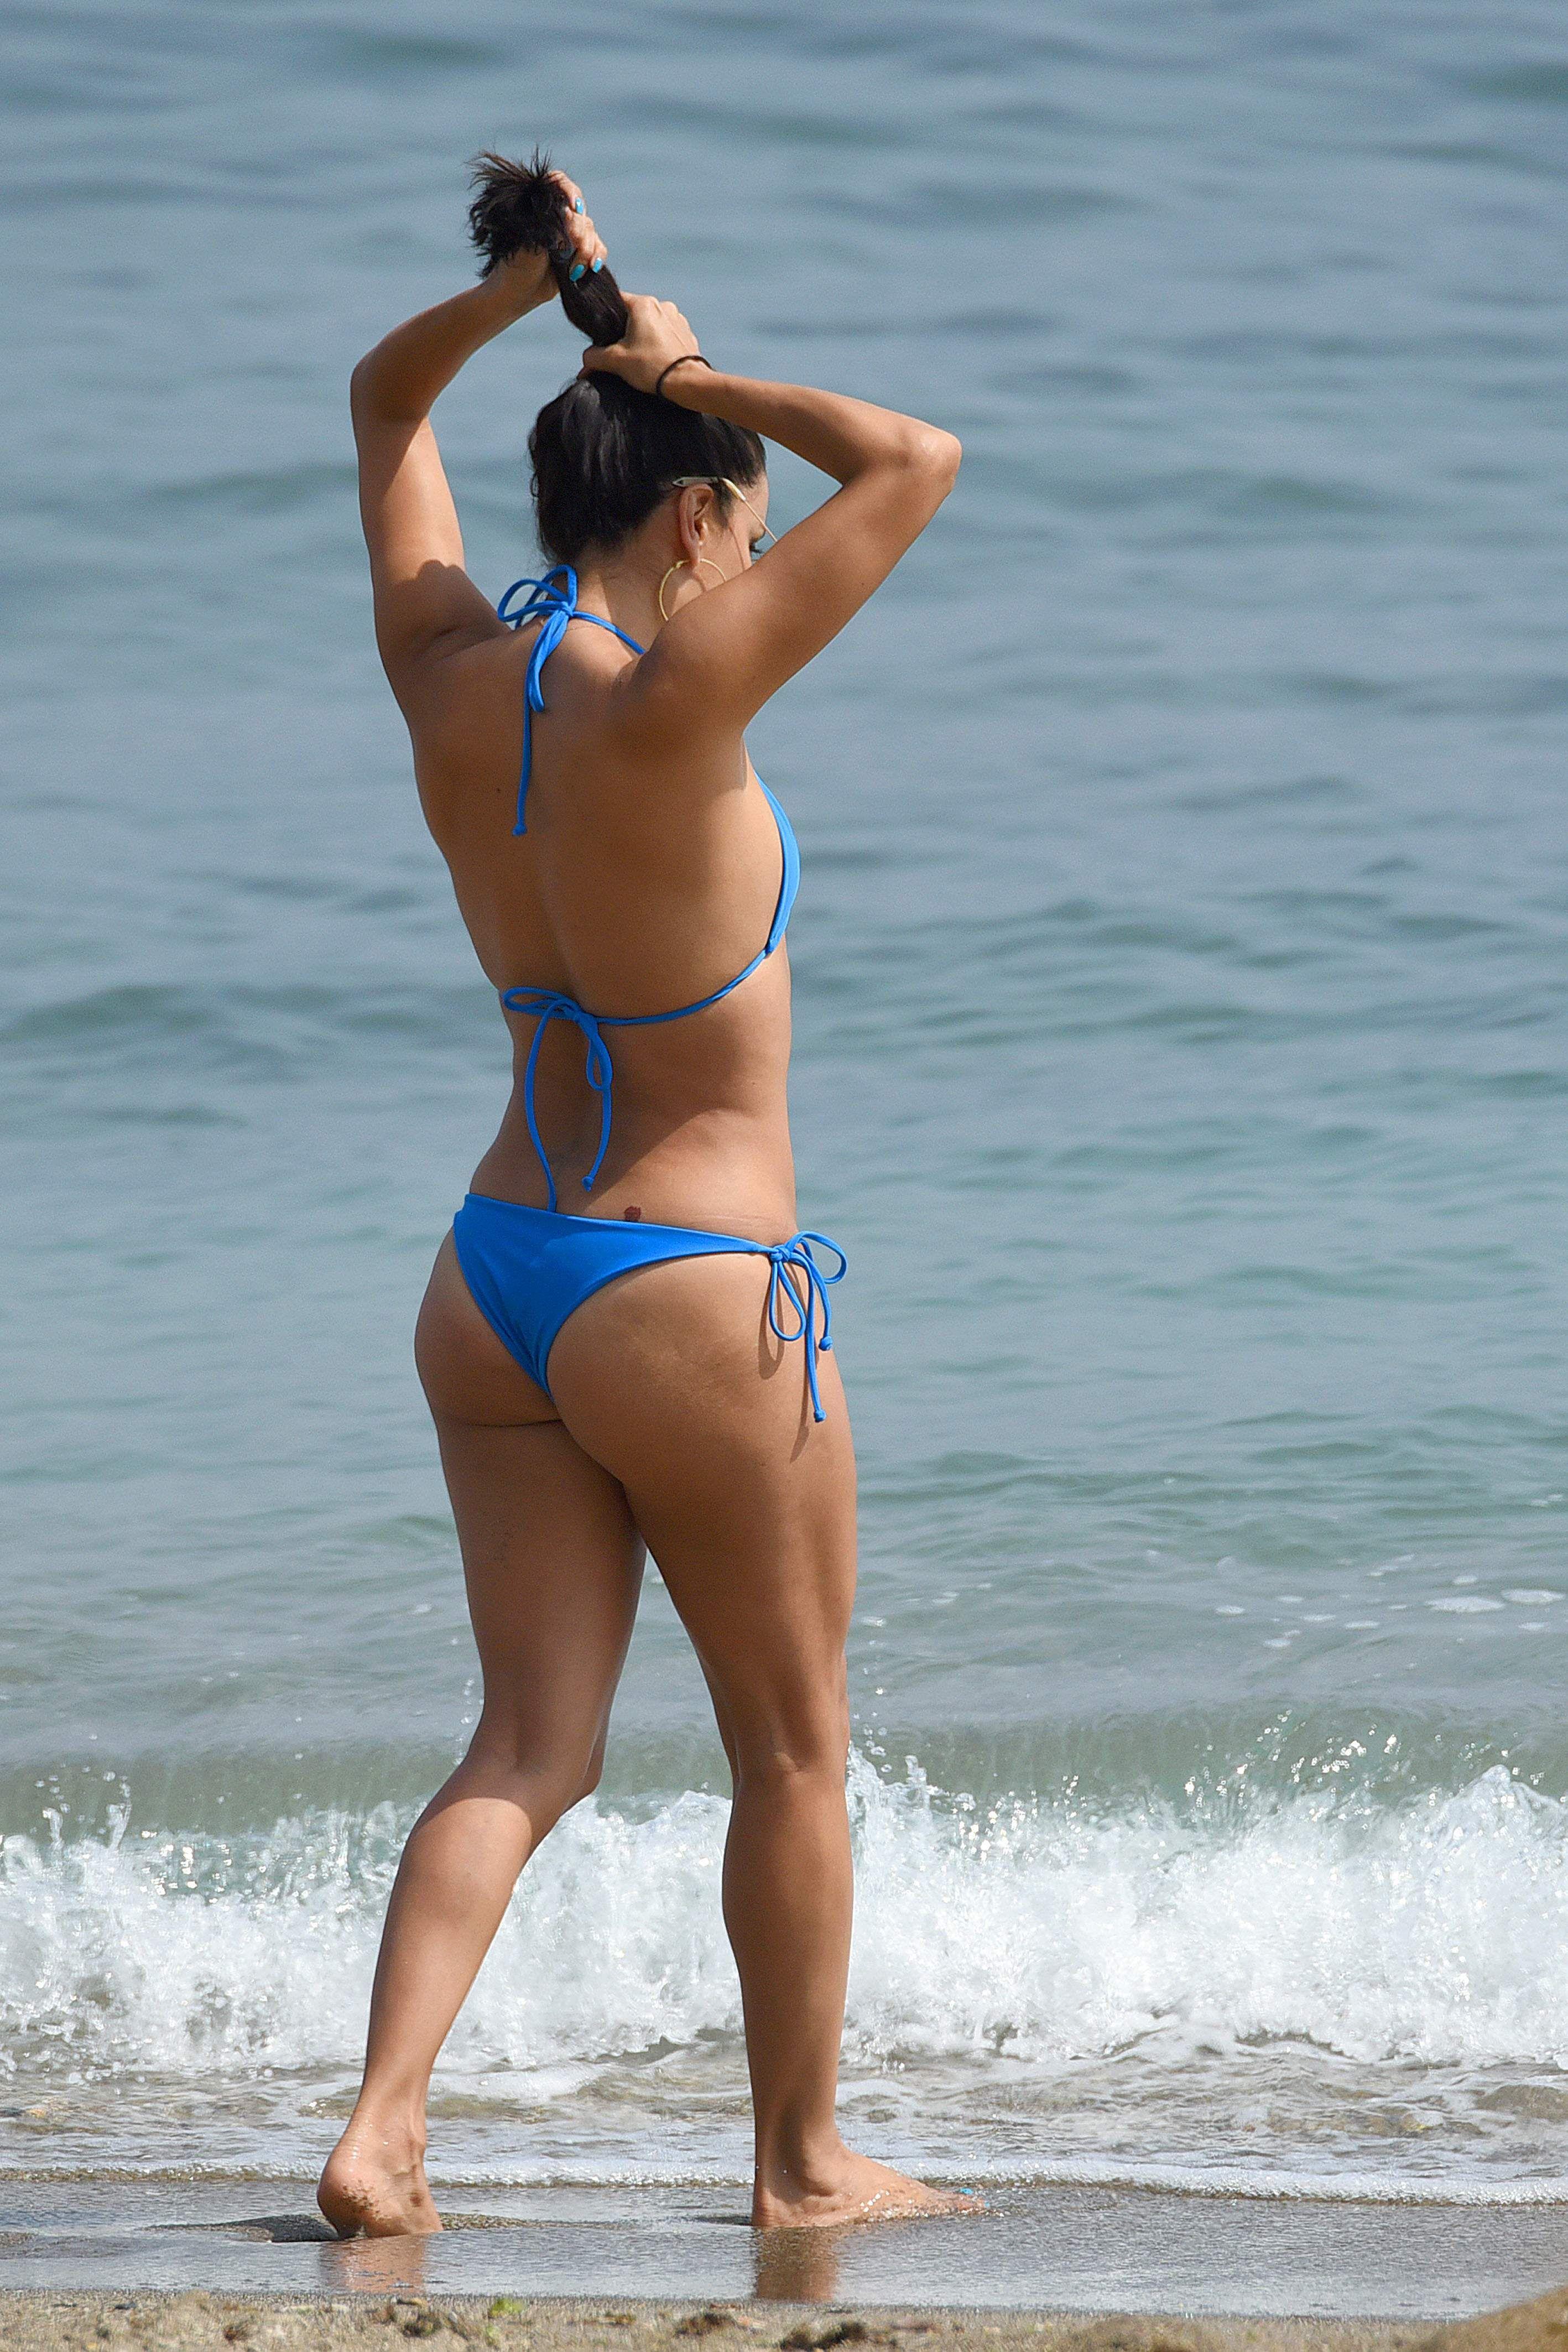 Theme, Eva longoria bikini beach